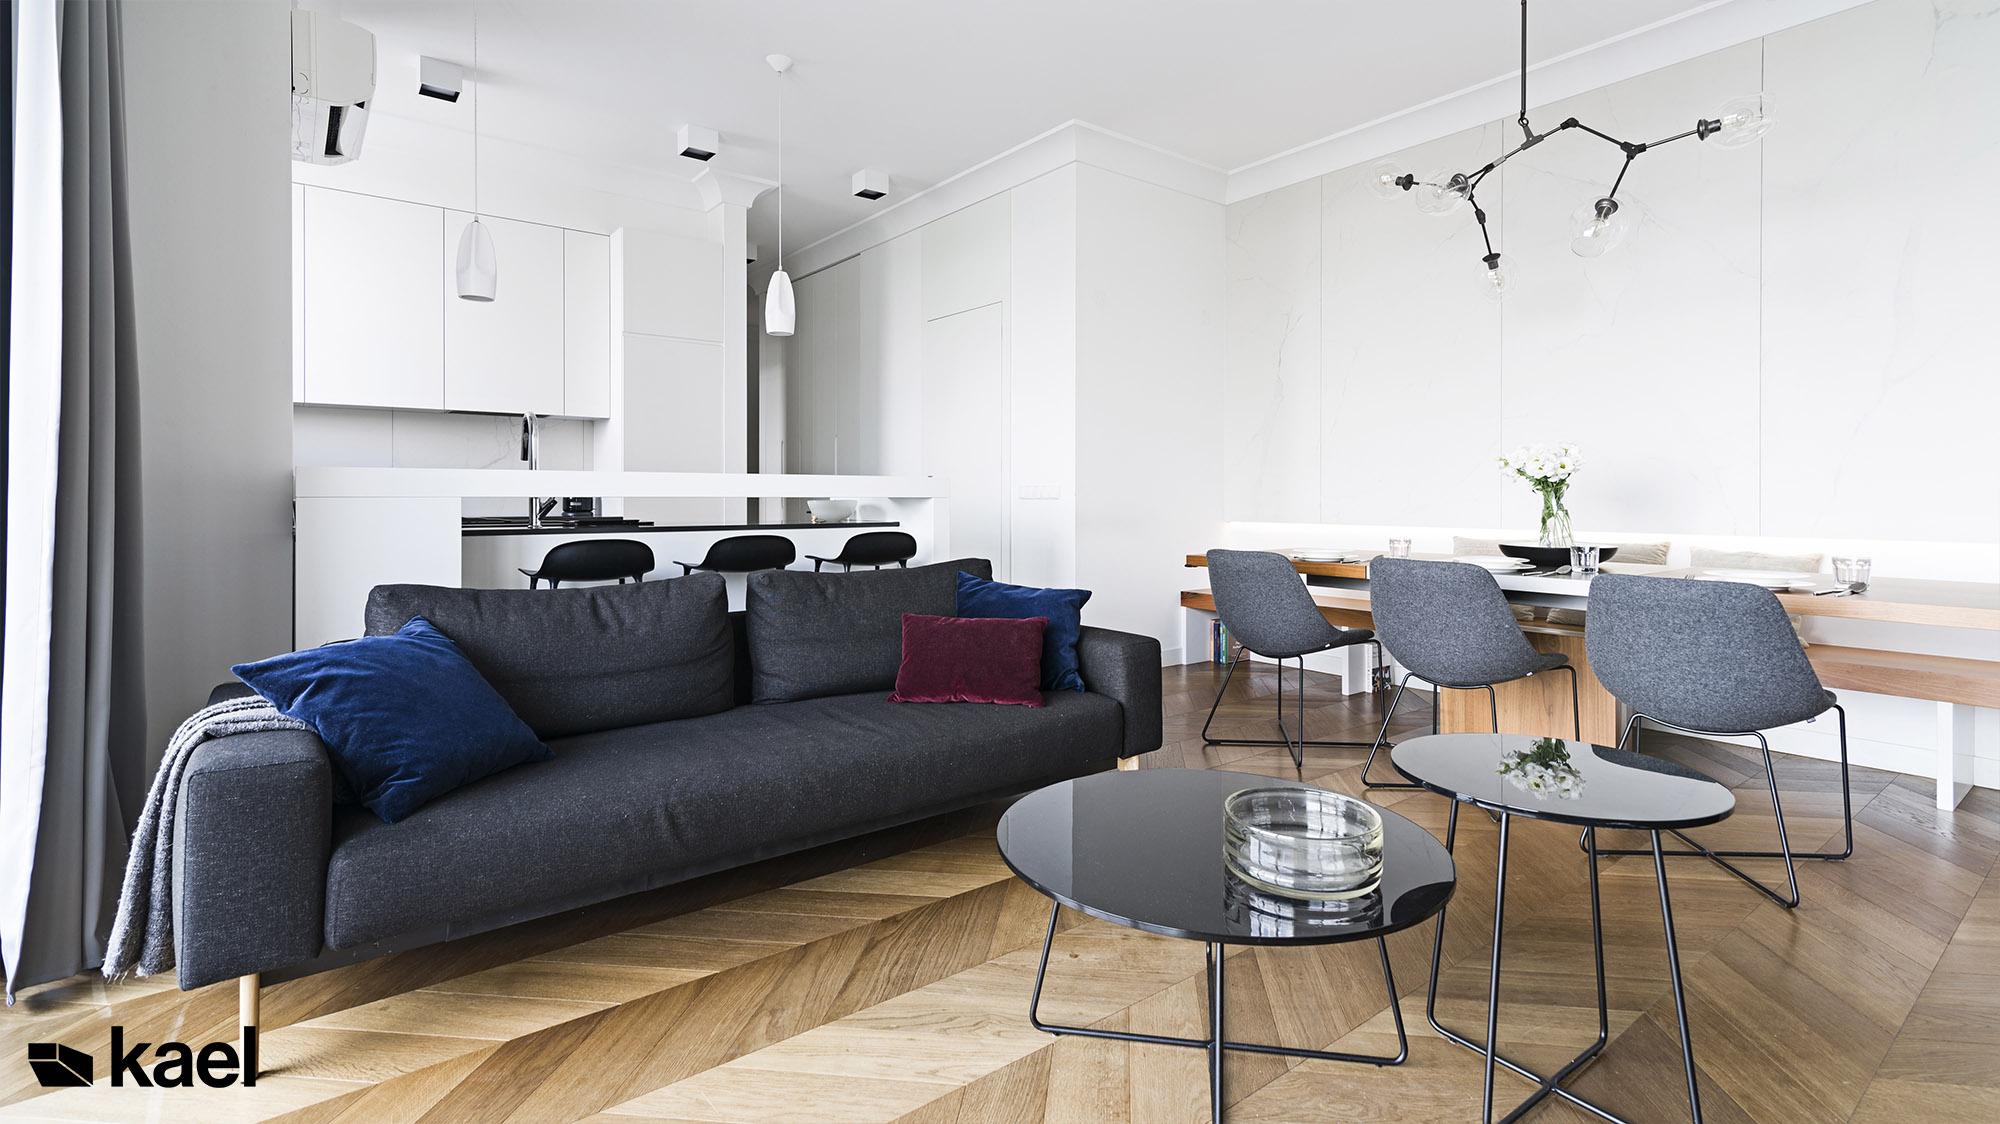 Salon z podłogą w jodełkę francuską